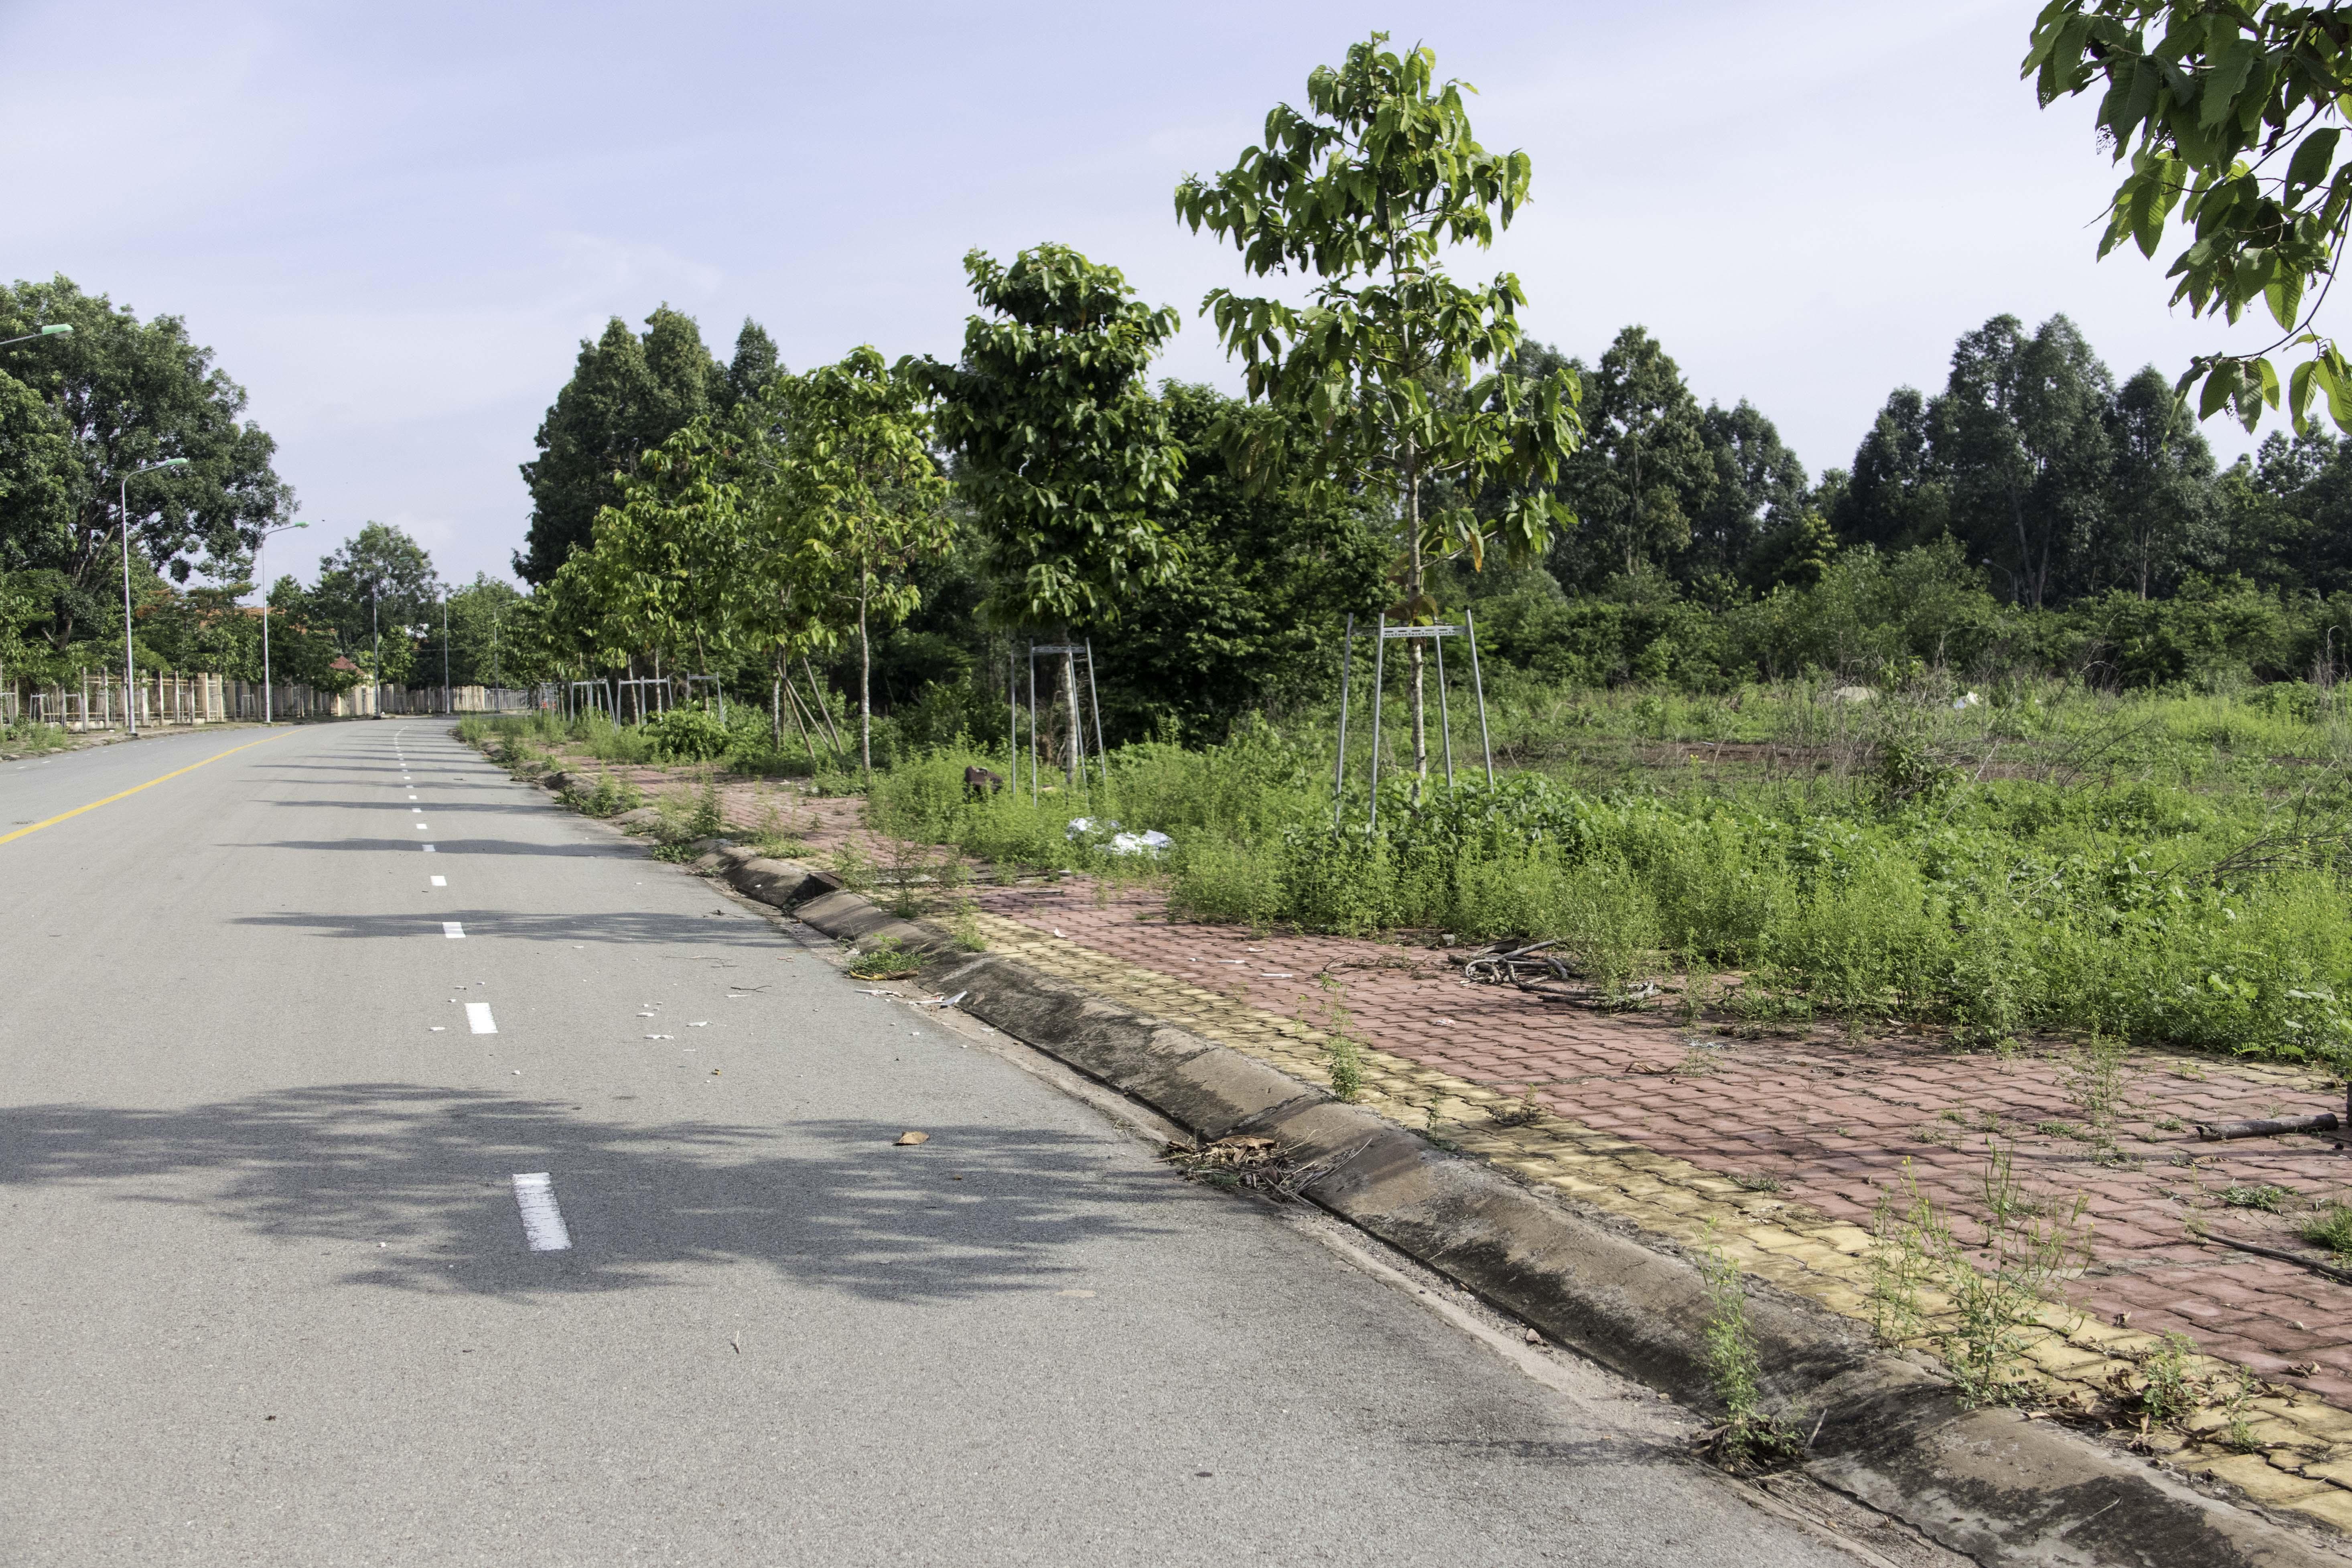 Phuoc Vinh Base Camp south of runway